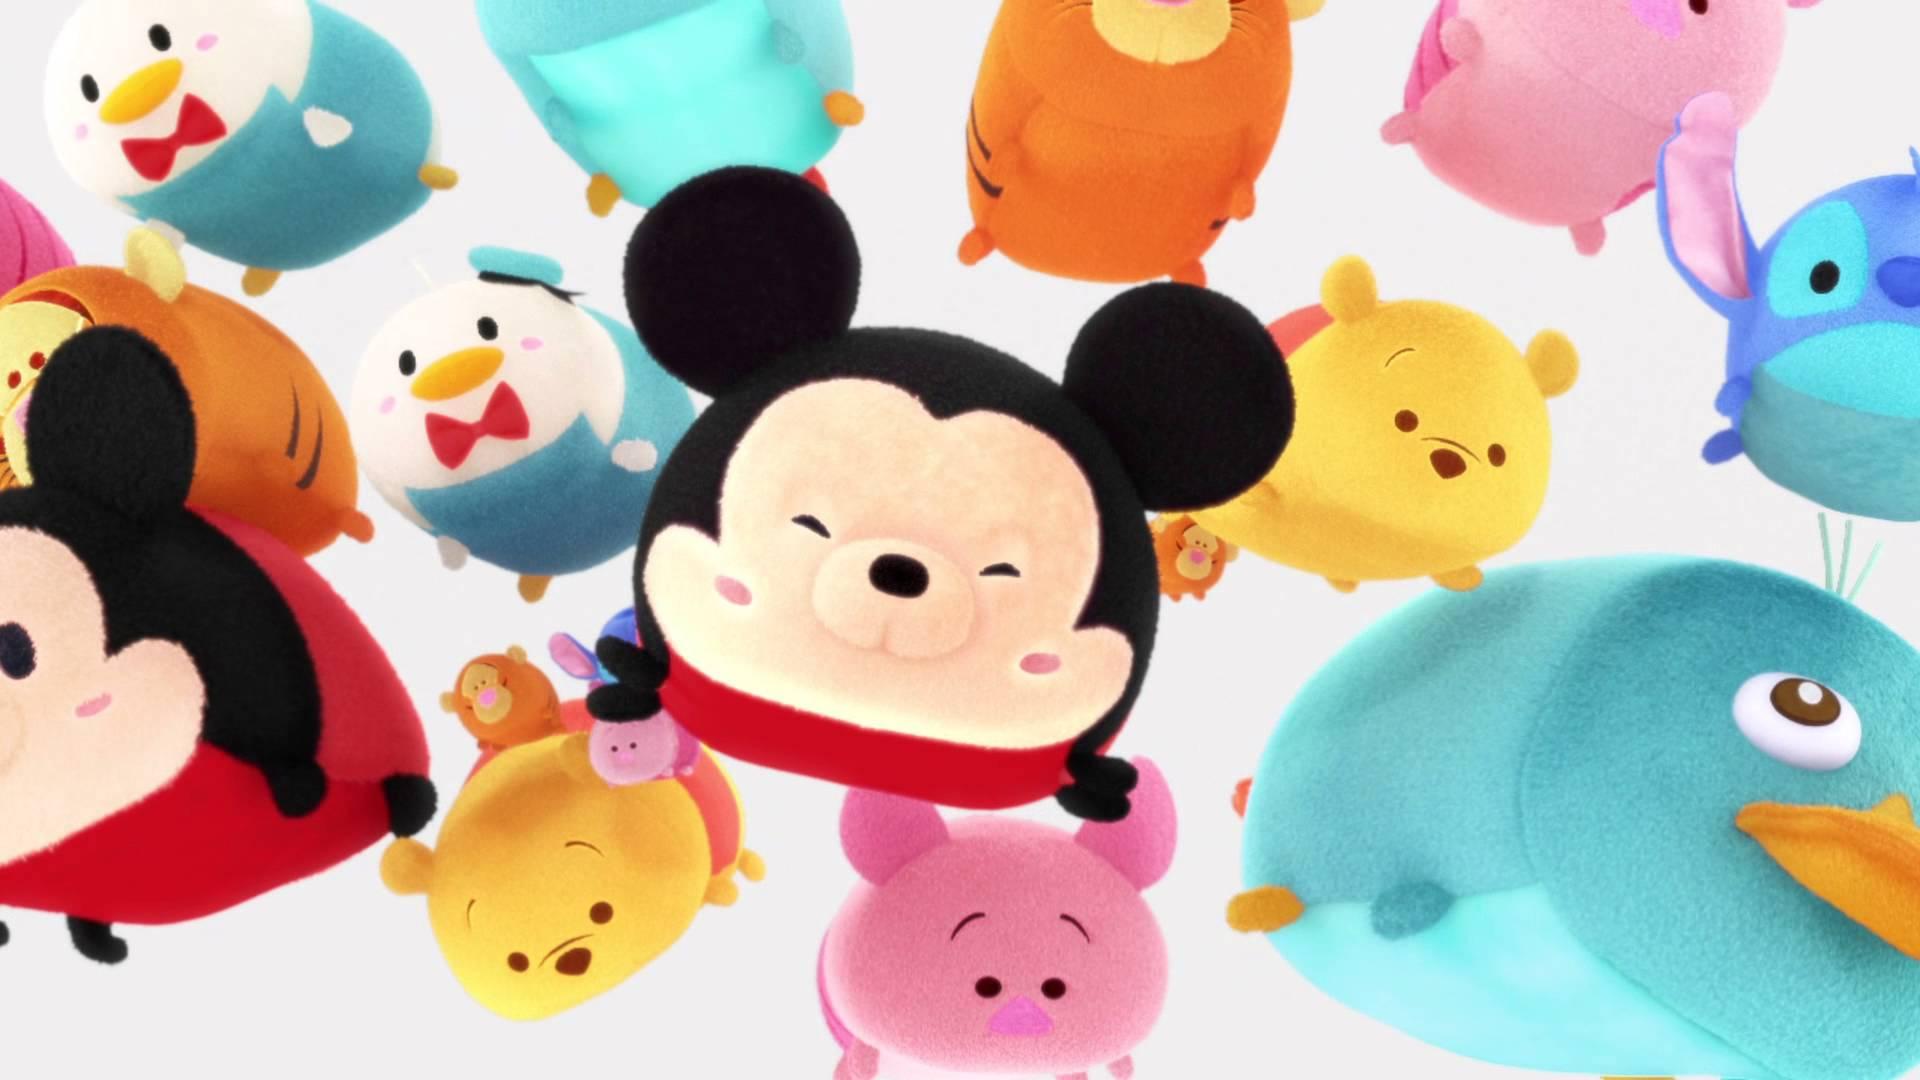 Conoce El Fenómeno Tsum Tsum: Cortos De Animación De 'Disney Tsum Tsum